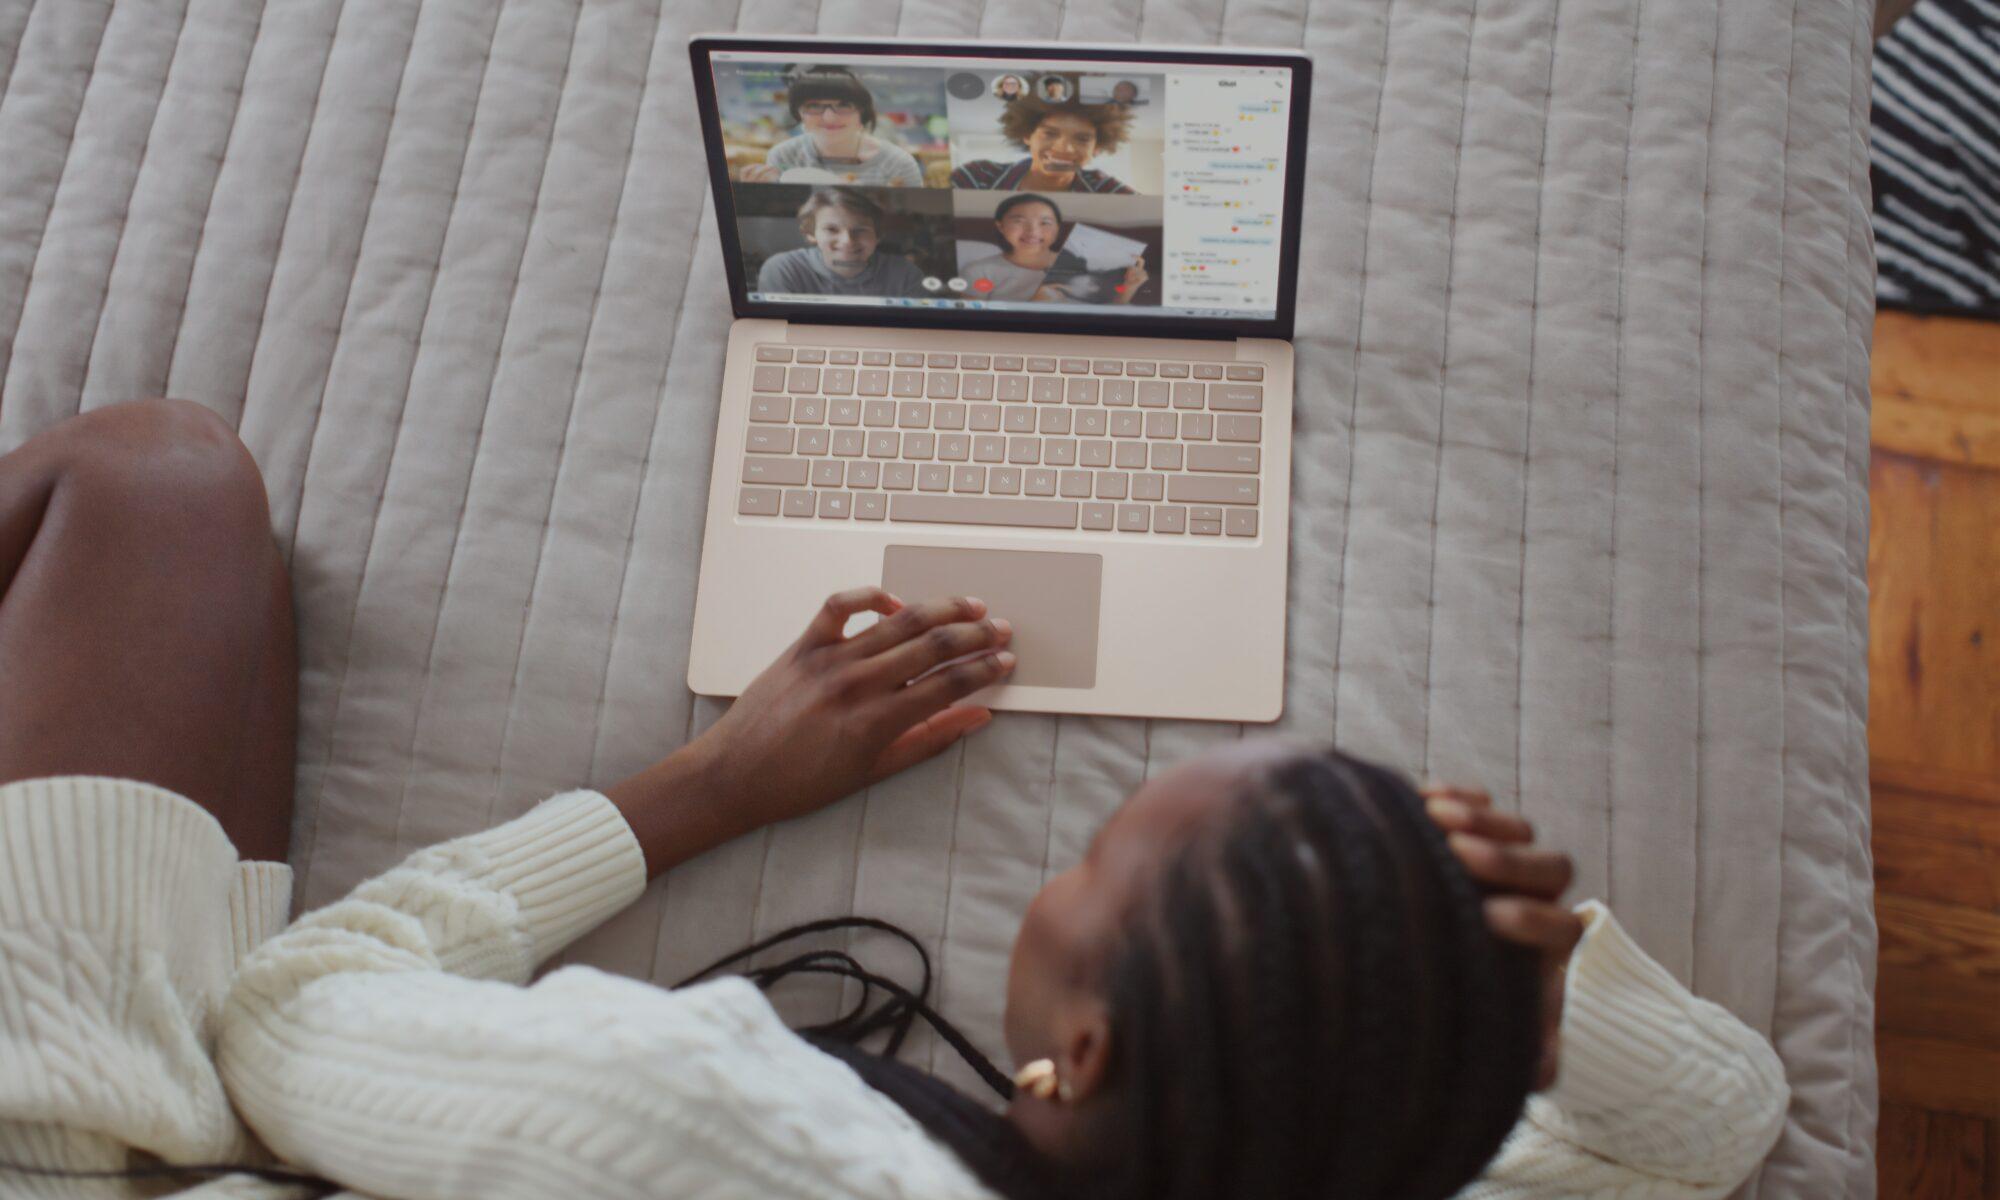 Frau vor Computer - Teambuilding Ideen von OPOLUM